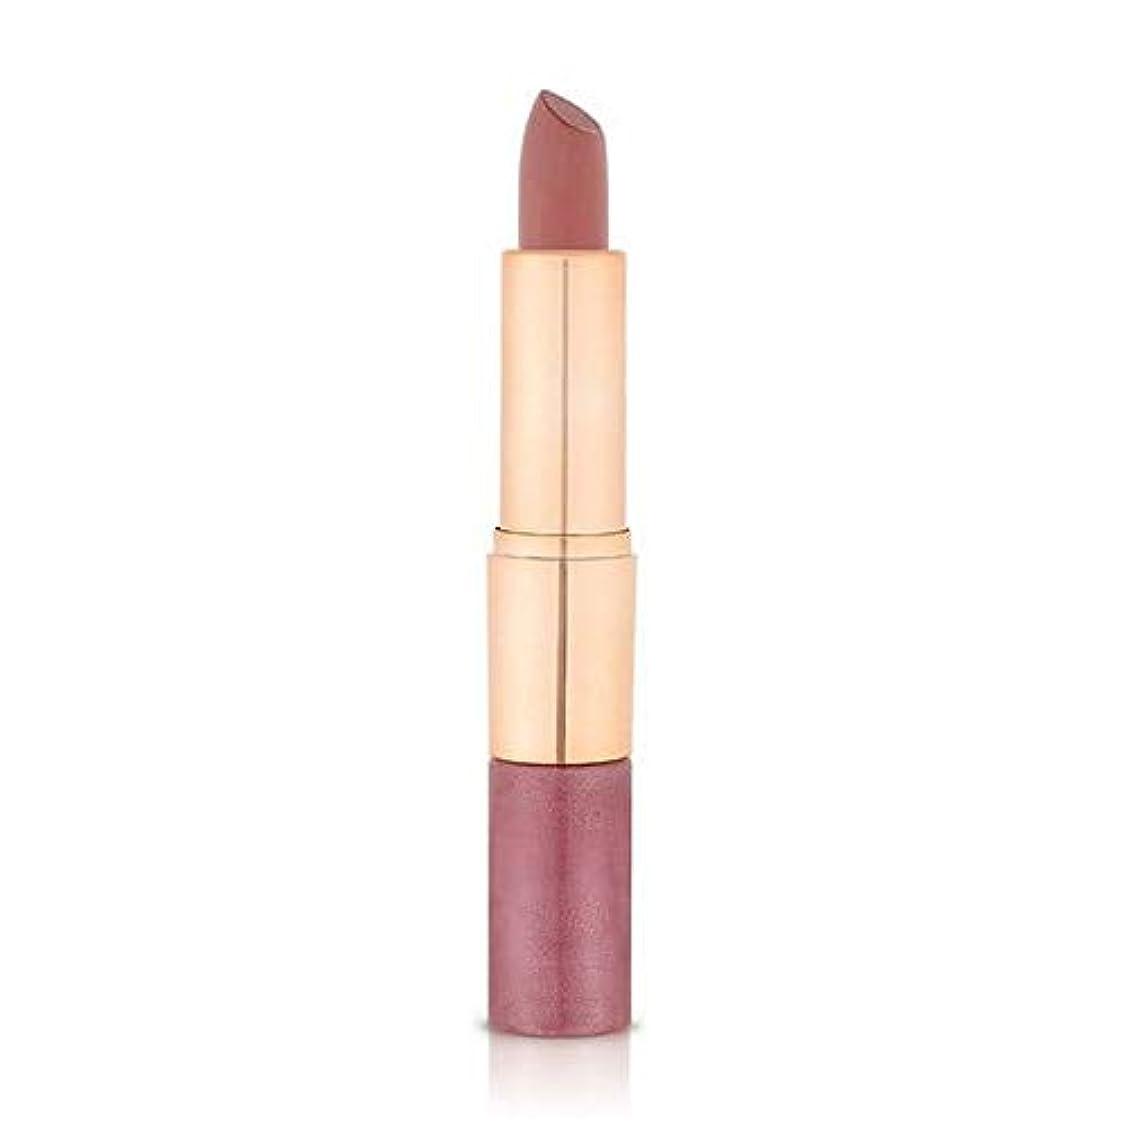 肥満クスコ処方する[Flower Beauty ] 花の美しさのミックスN」はマットリップスティックデュオピンクくすぐら687 - Flower Beauty Mix N' Matte Lipstick Duo Tickled Pink...